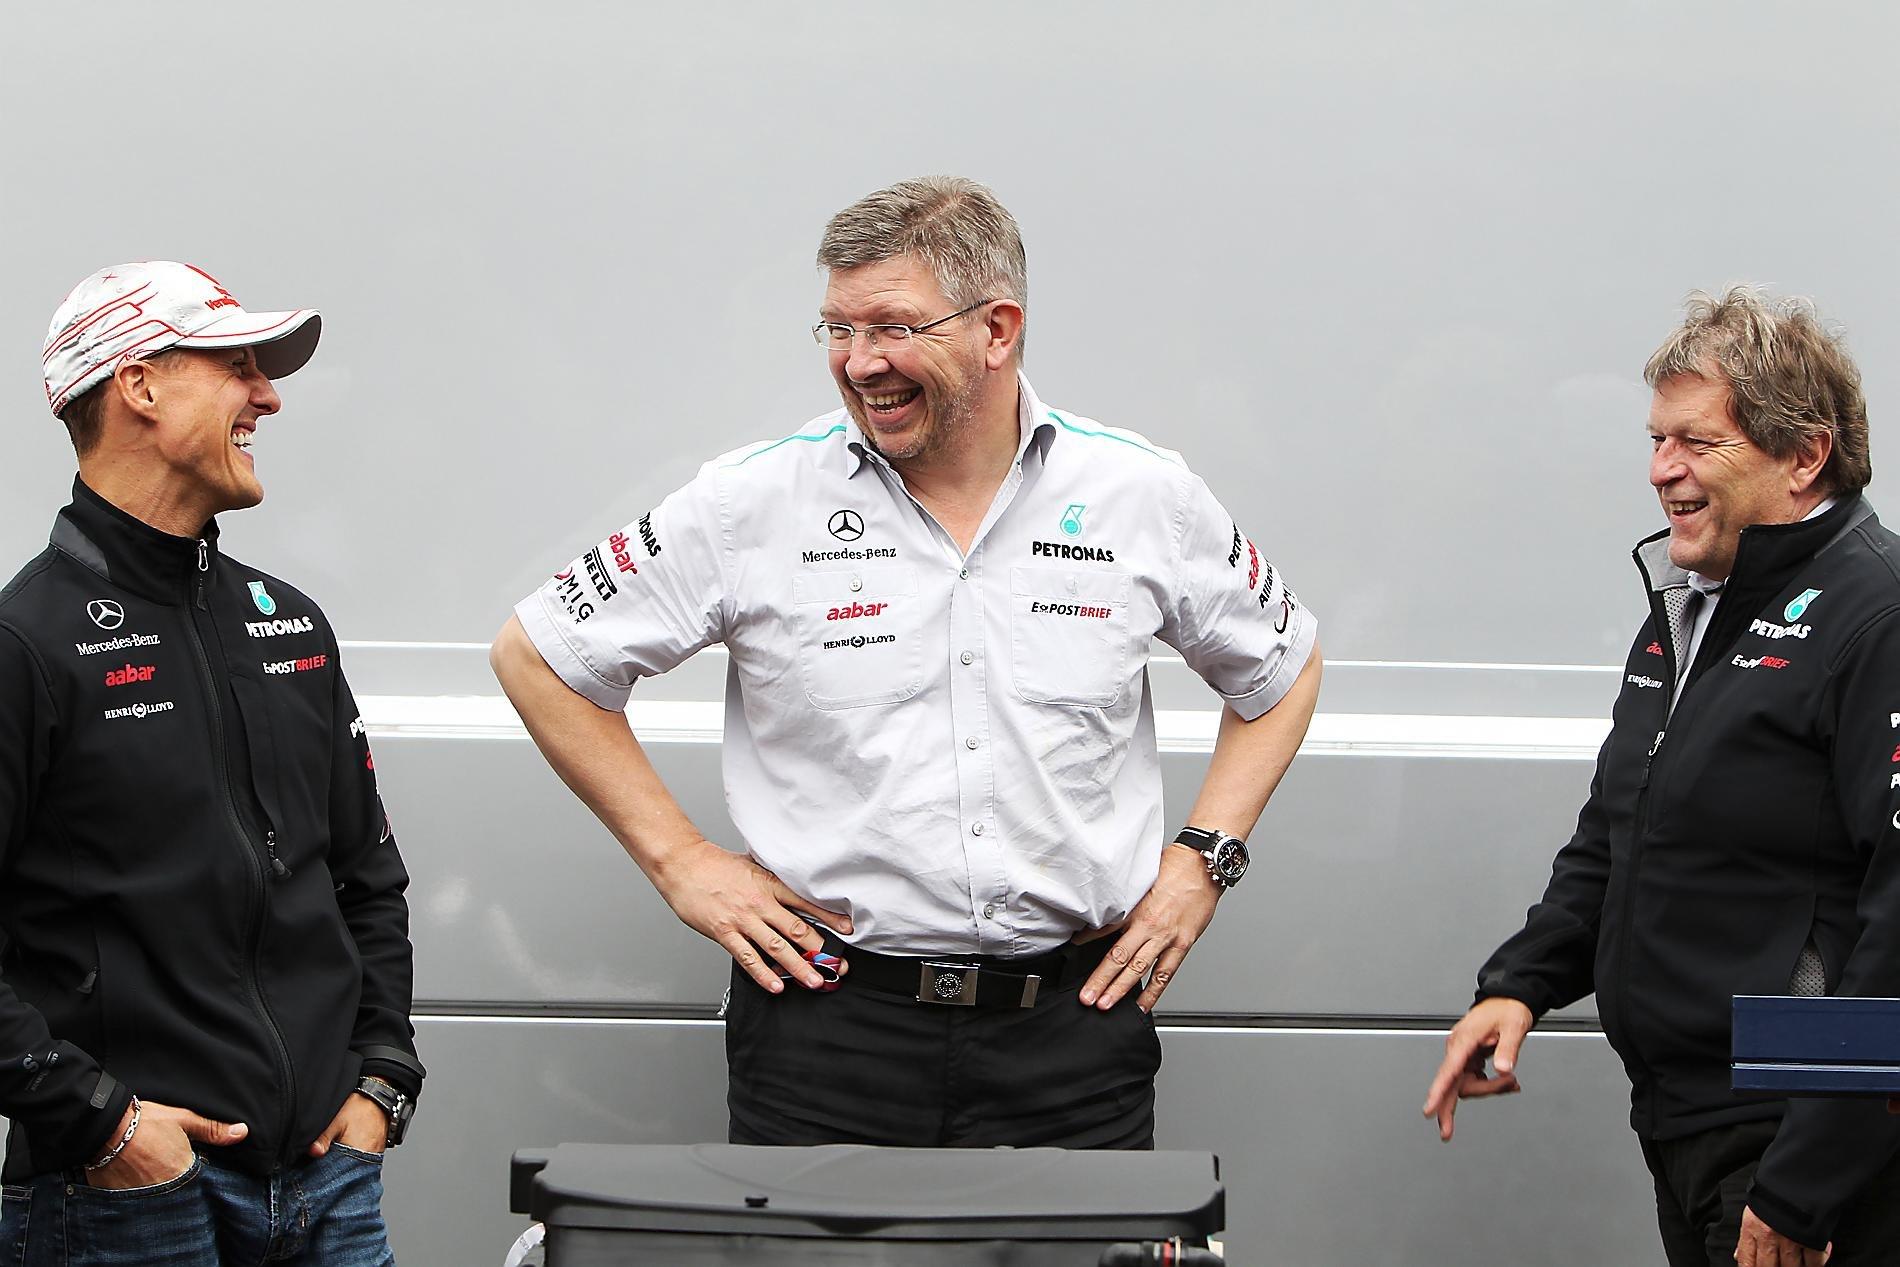 Михаэль Шумахер, Росс Браун и Норберт Хауг смеются на Гран-при Венгрии 2011